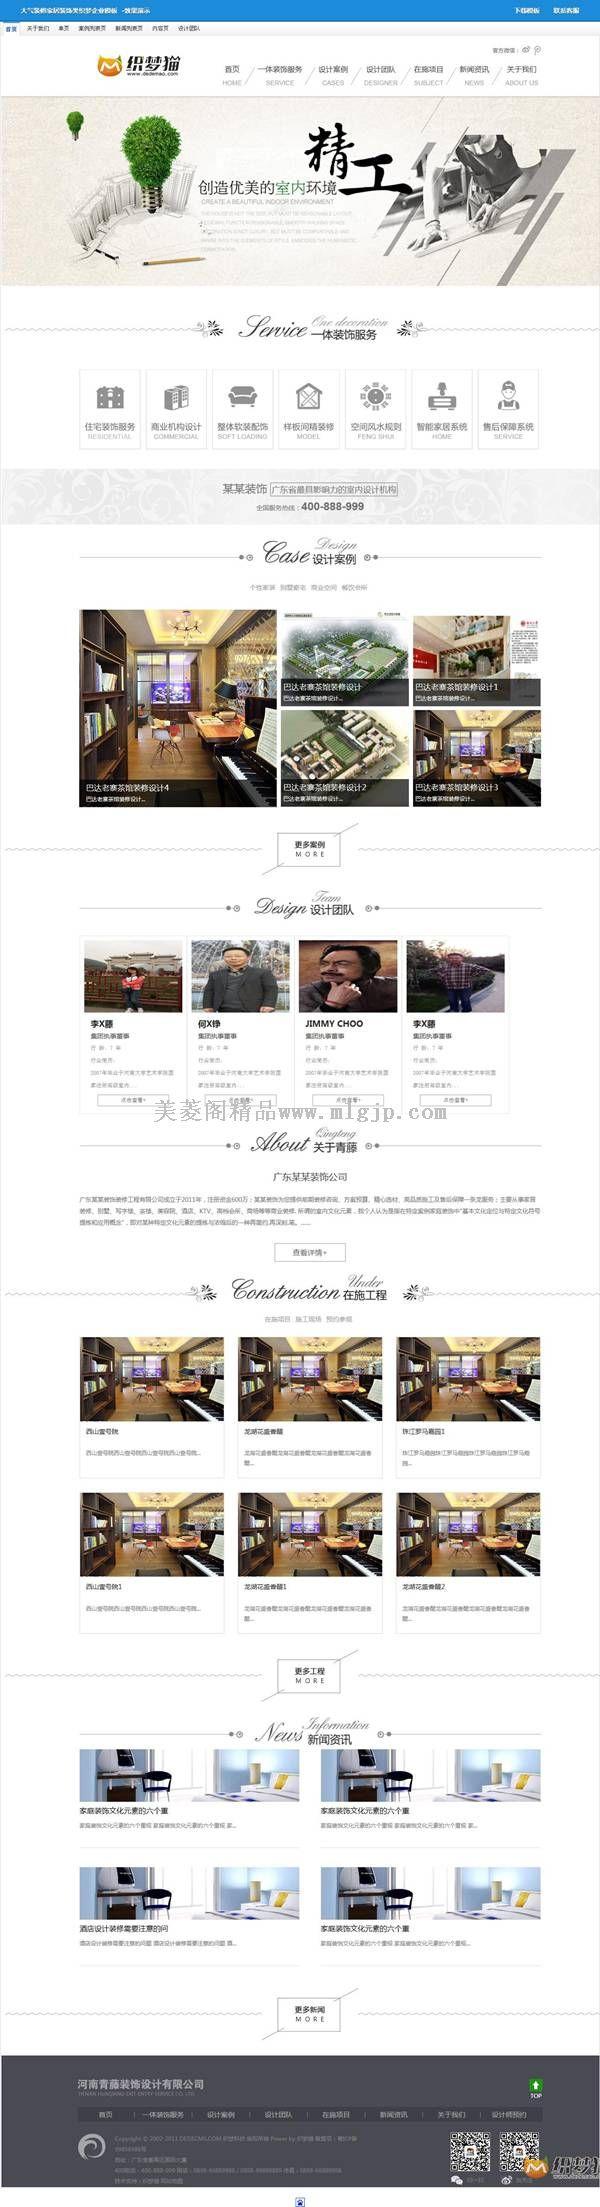 【织梦模板】大气装修家居装饰类织梦企业模板